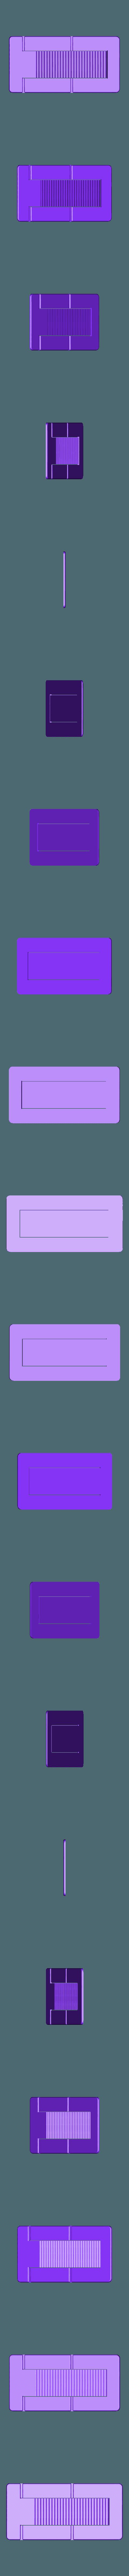 ボディ1.stl Télécharger fichier STL gratuit Support pour téléphone portable (type Paste) • Objet imprimable en 3D, EIKICHI